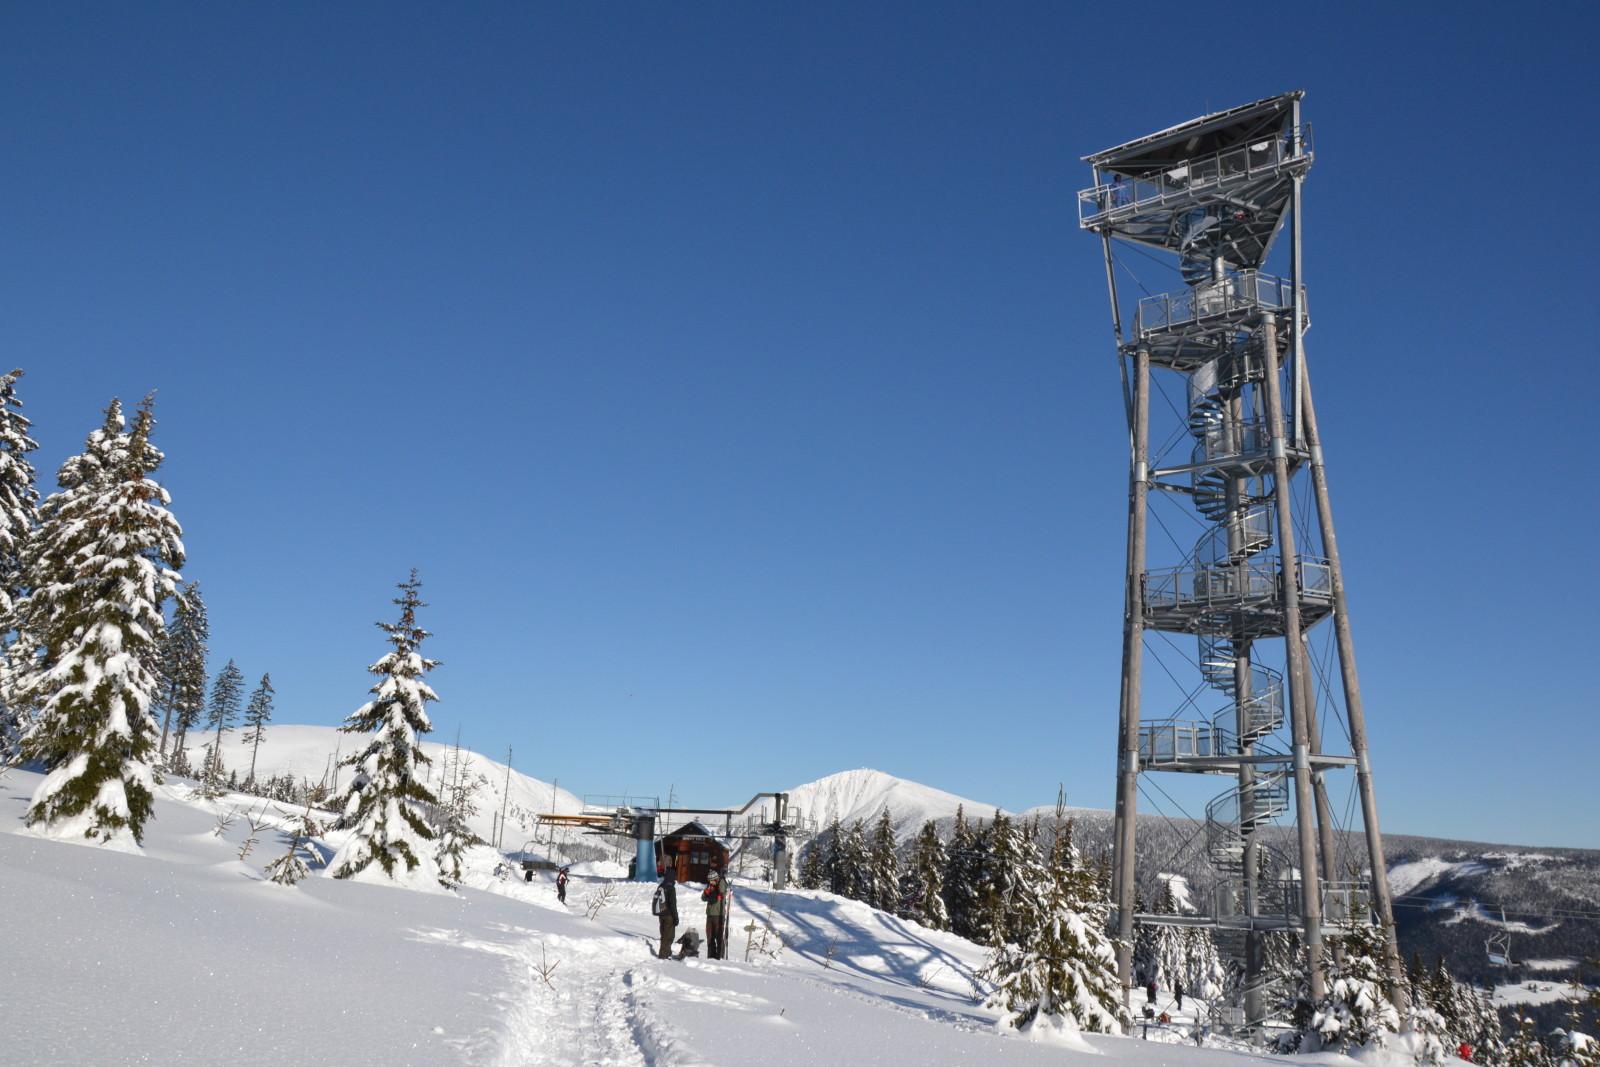 12 01 27 11.28.02 Rozhledna Na Hnědém vrchu S pozadím Studniční A Sněžky